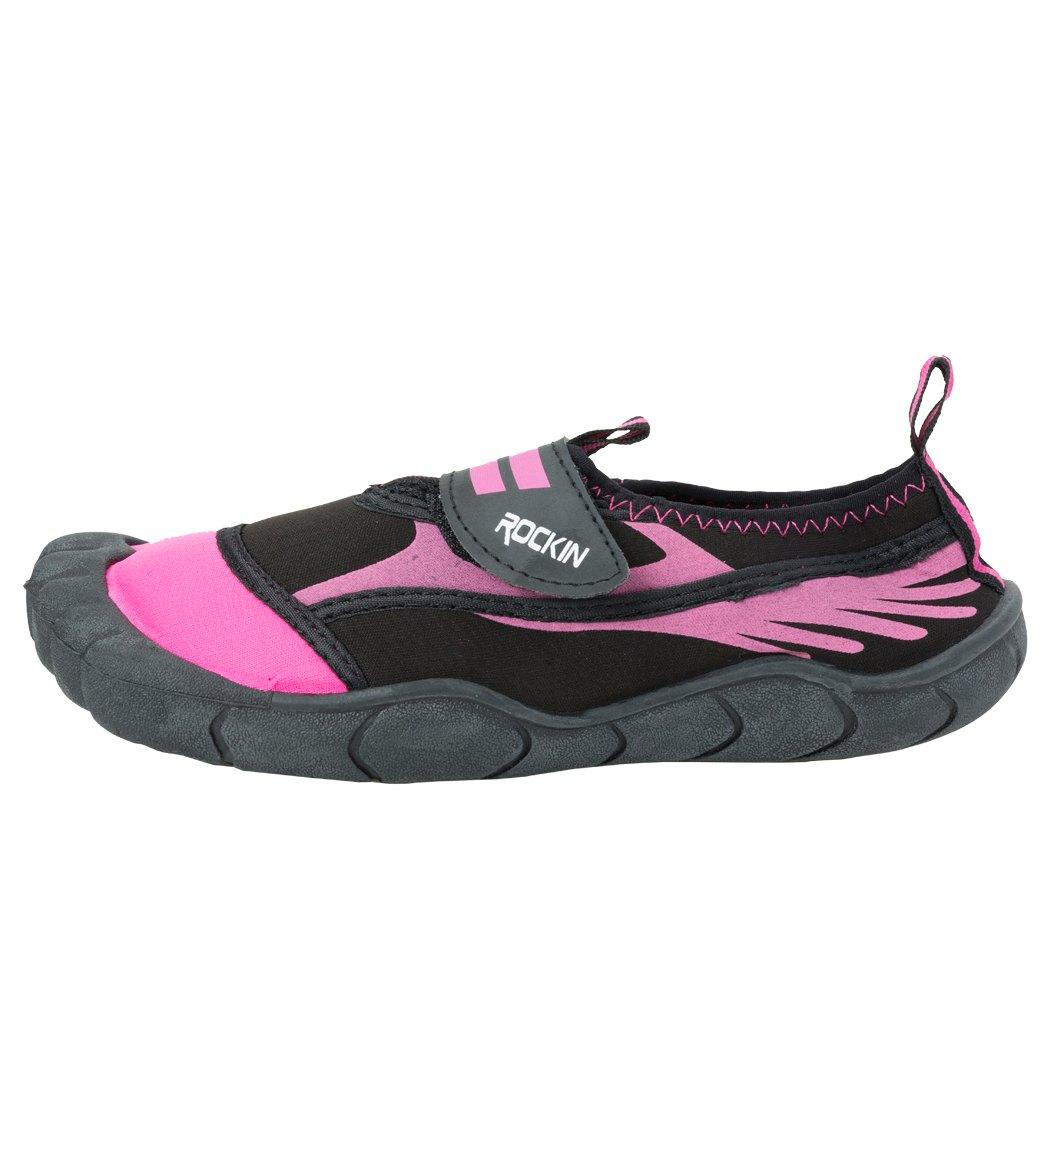 5d247fd855e Rockin Footwear Women s Aqua Foot Water Shoes at SwimOutlet.com